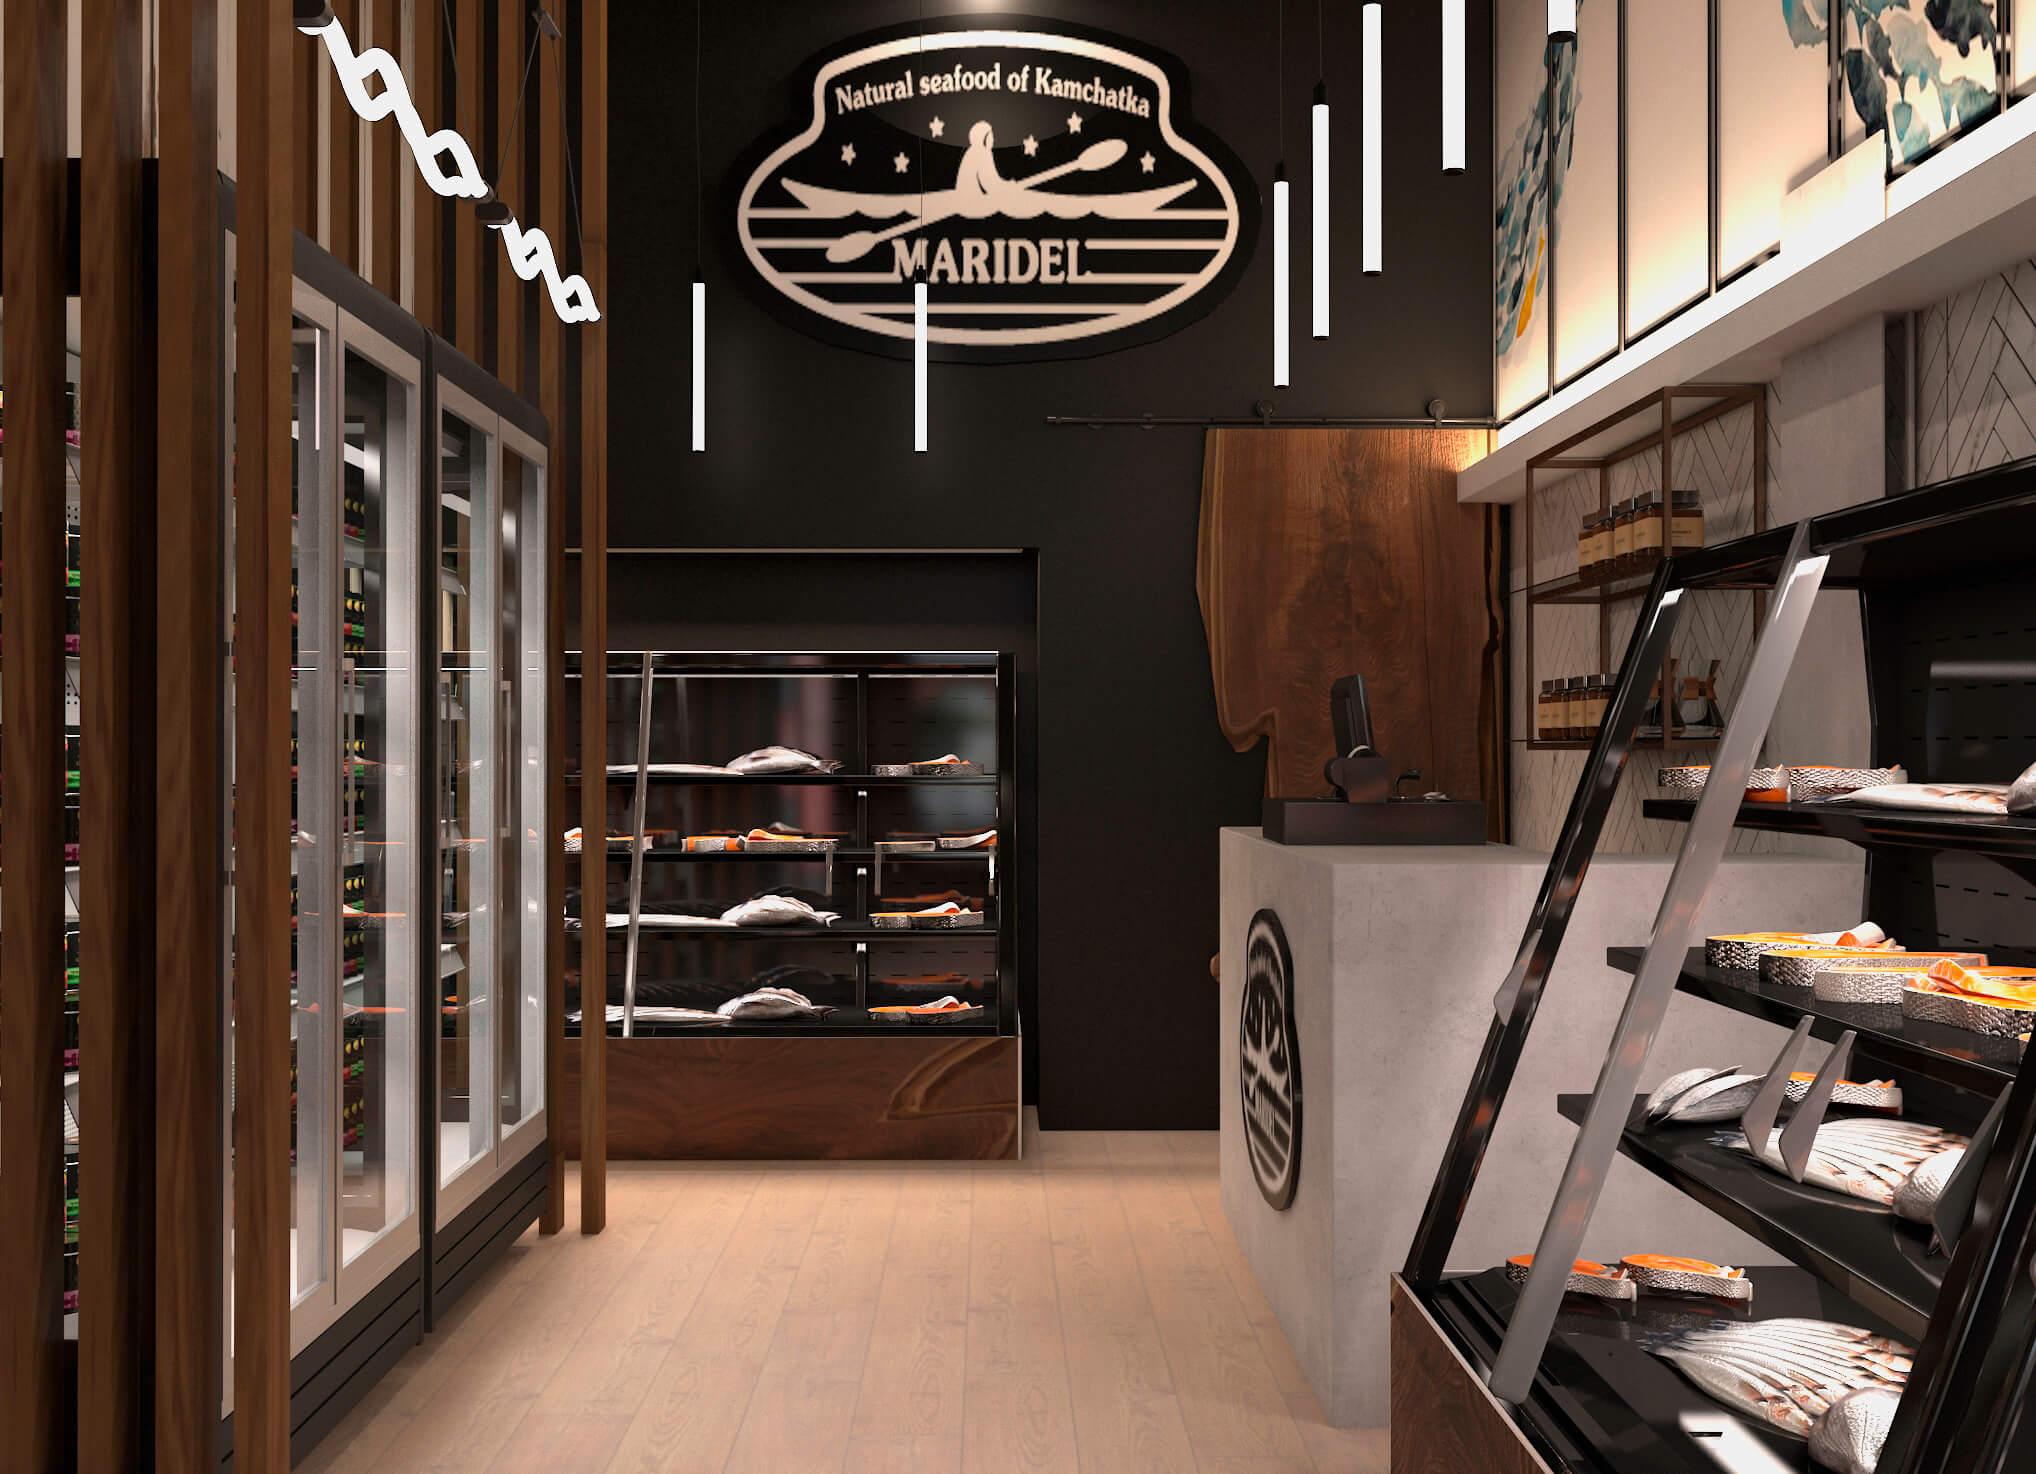 Рыбный маркет «Maridel»; Москва